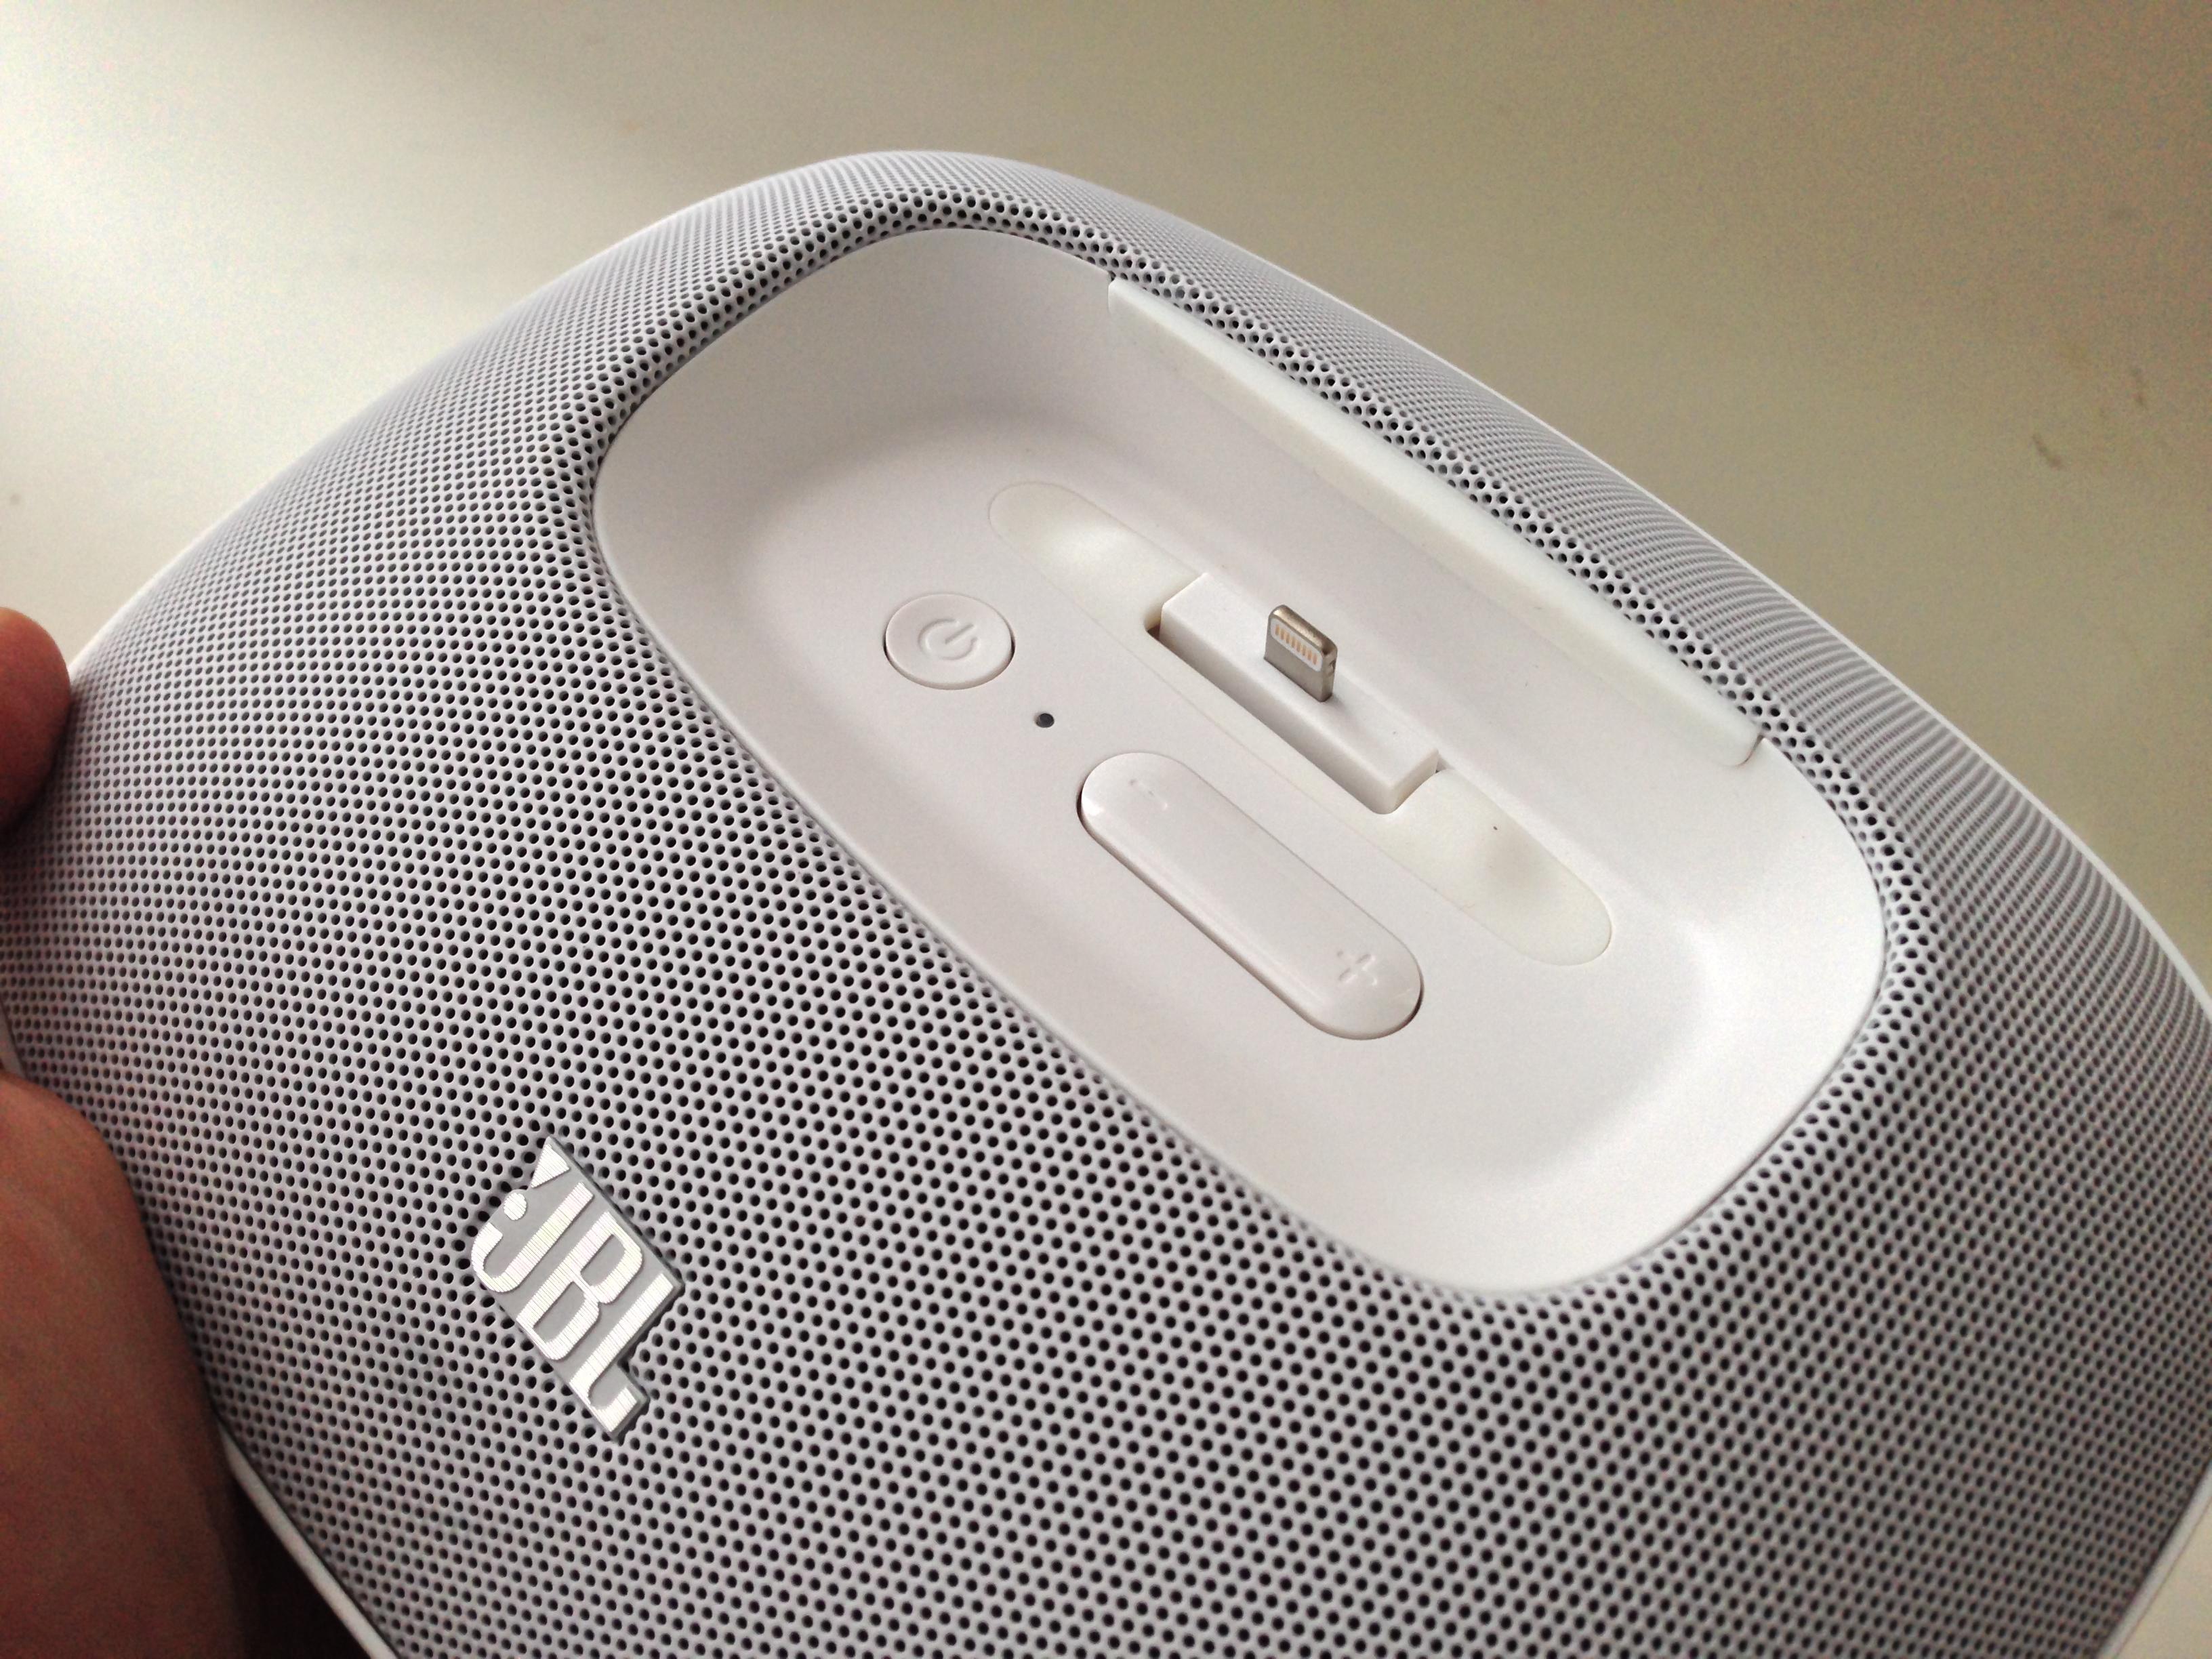 Lautsprecher Mit Iphone Dock